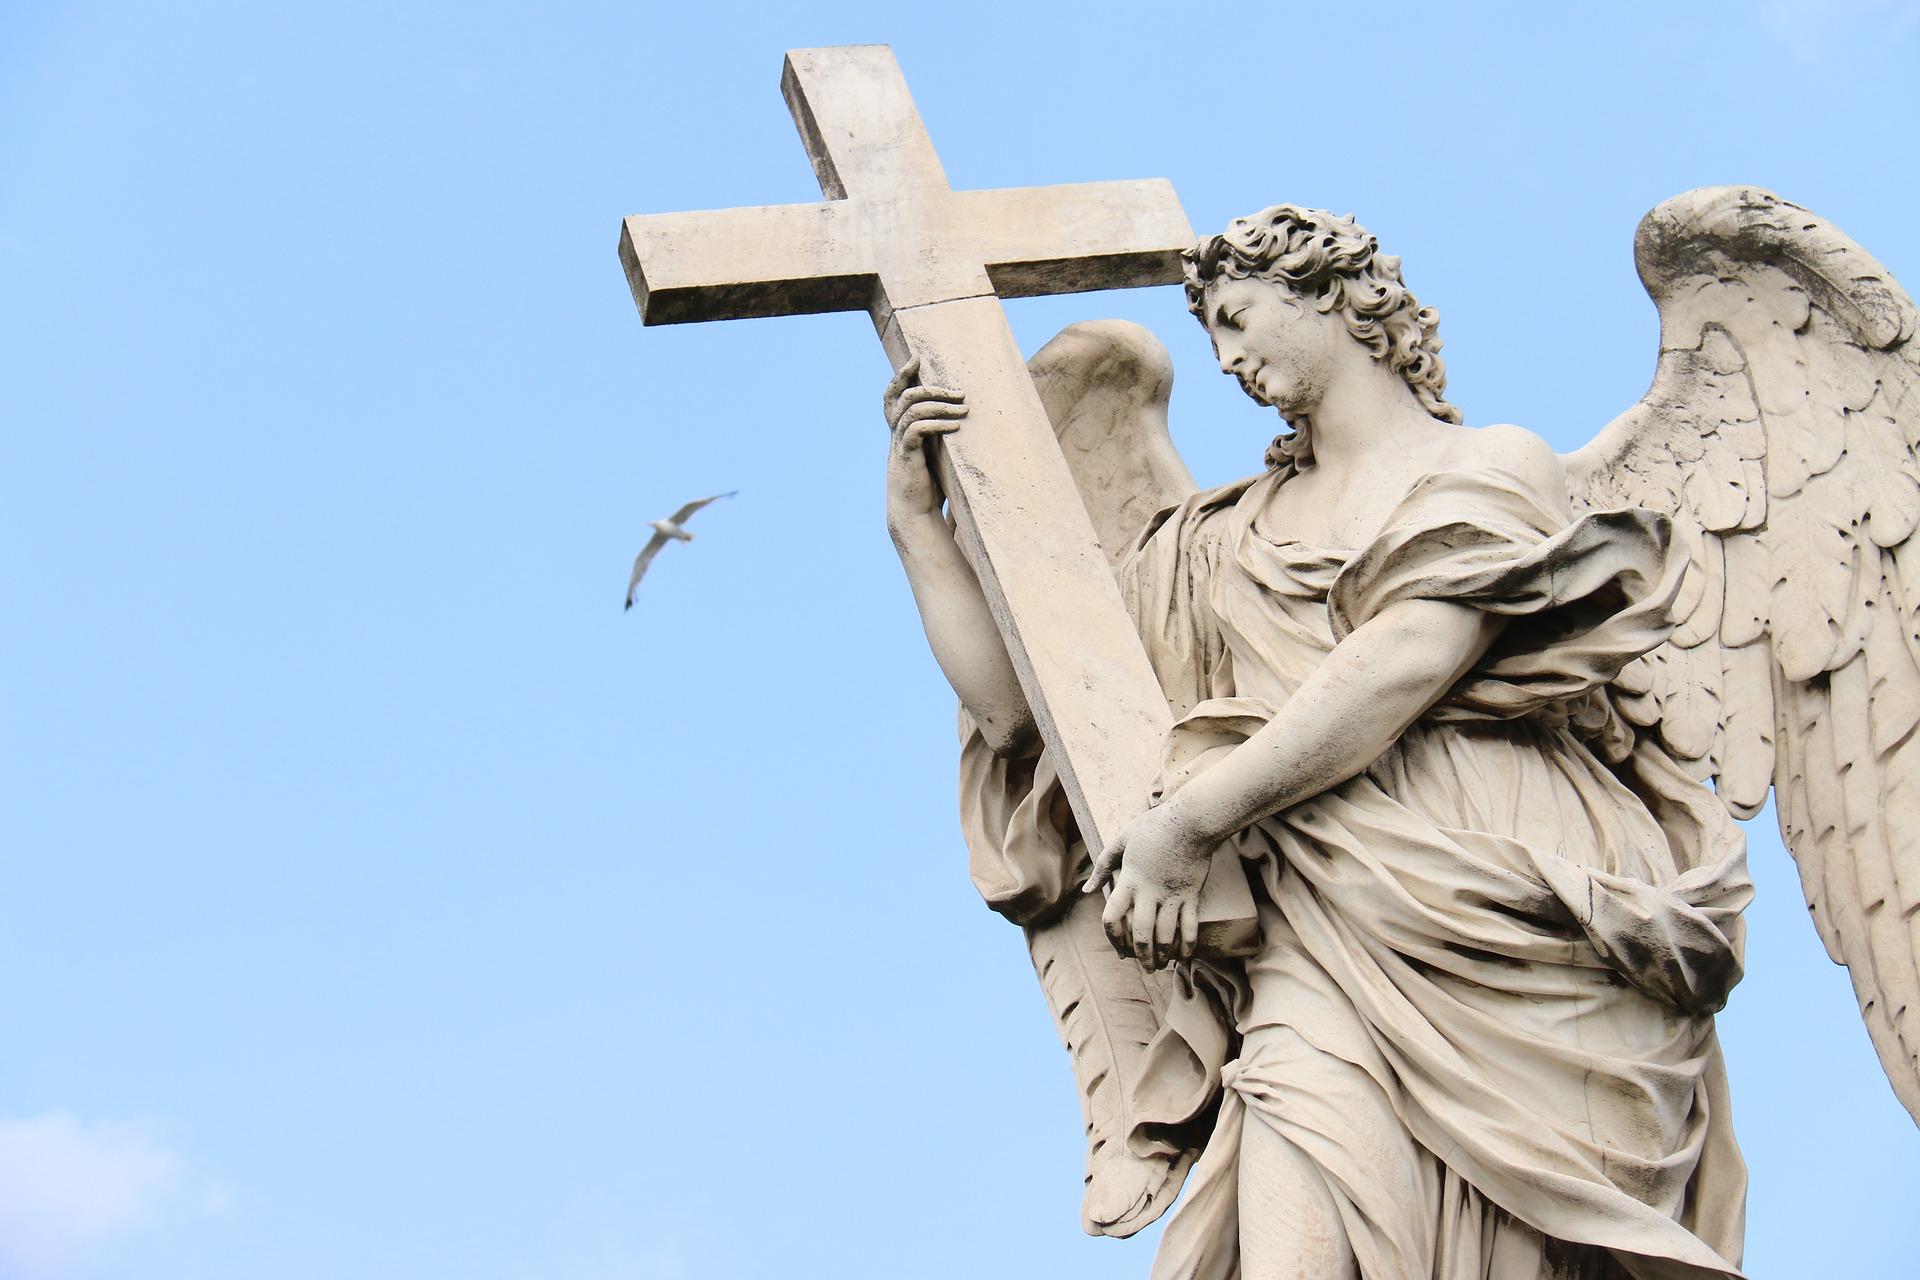 Statua anđela koji nosi krst na Trgu Svetog Petra u Rimu (Foto: quillette.com)